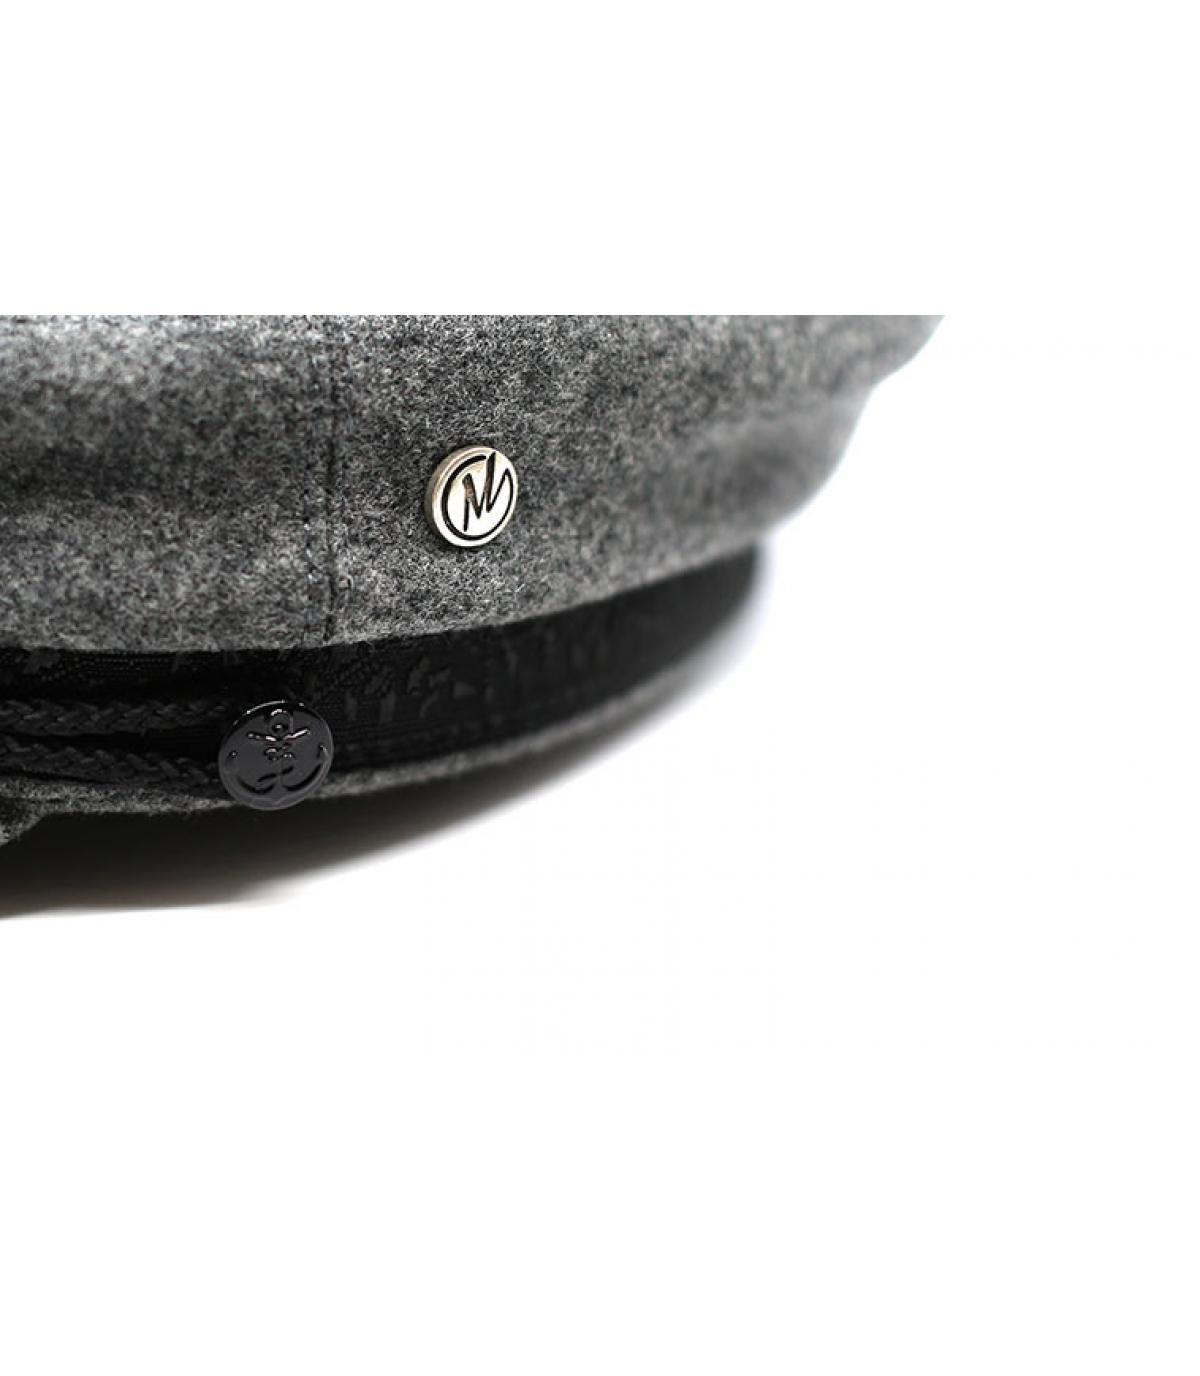 Details Clea grau - Abbildung 3